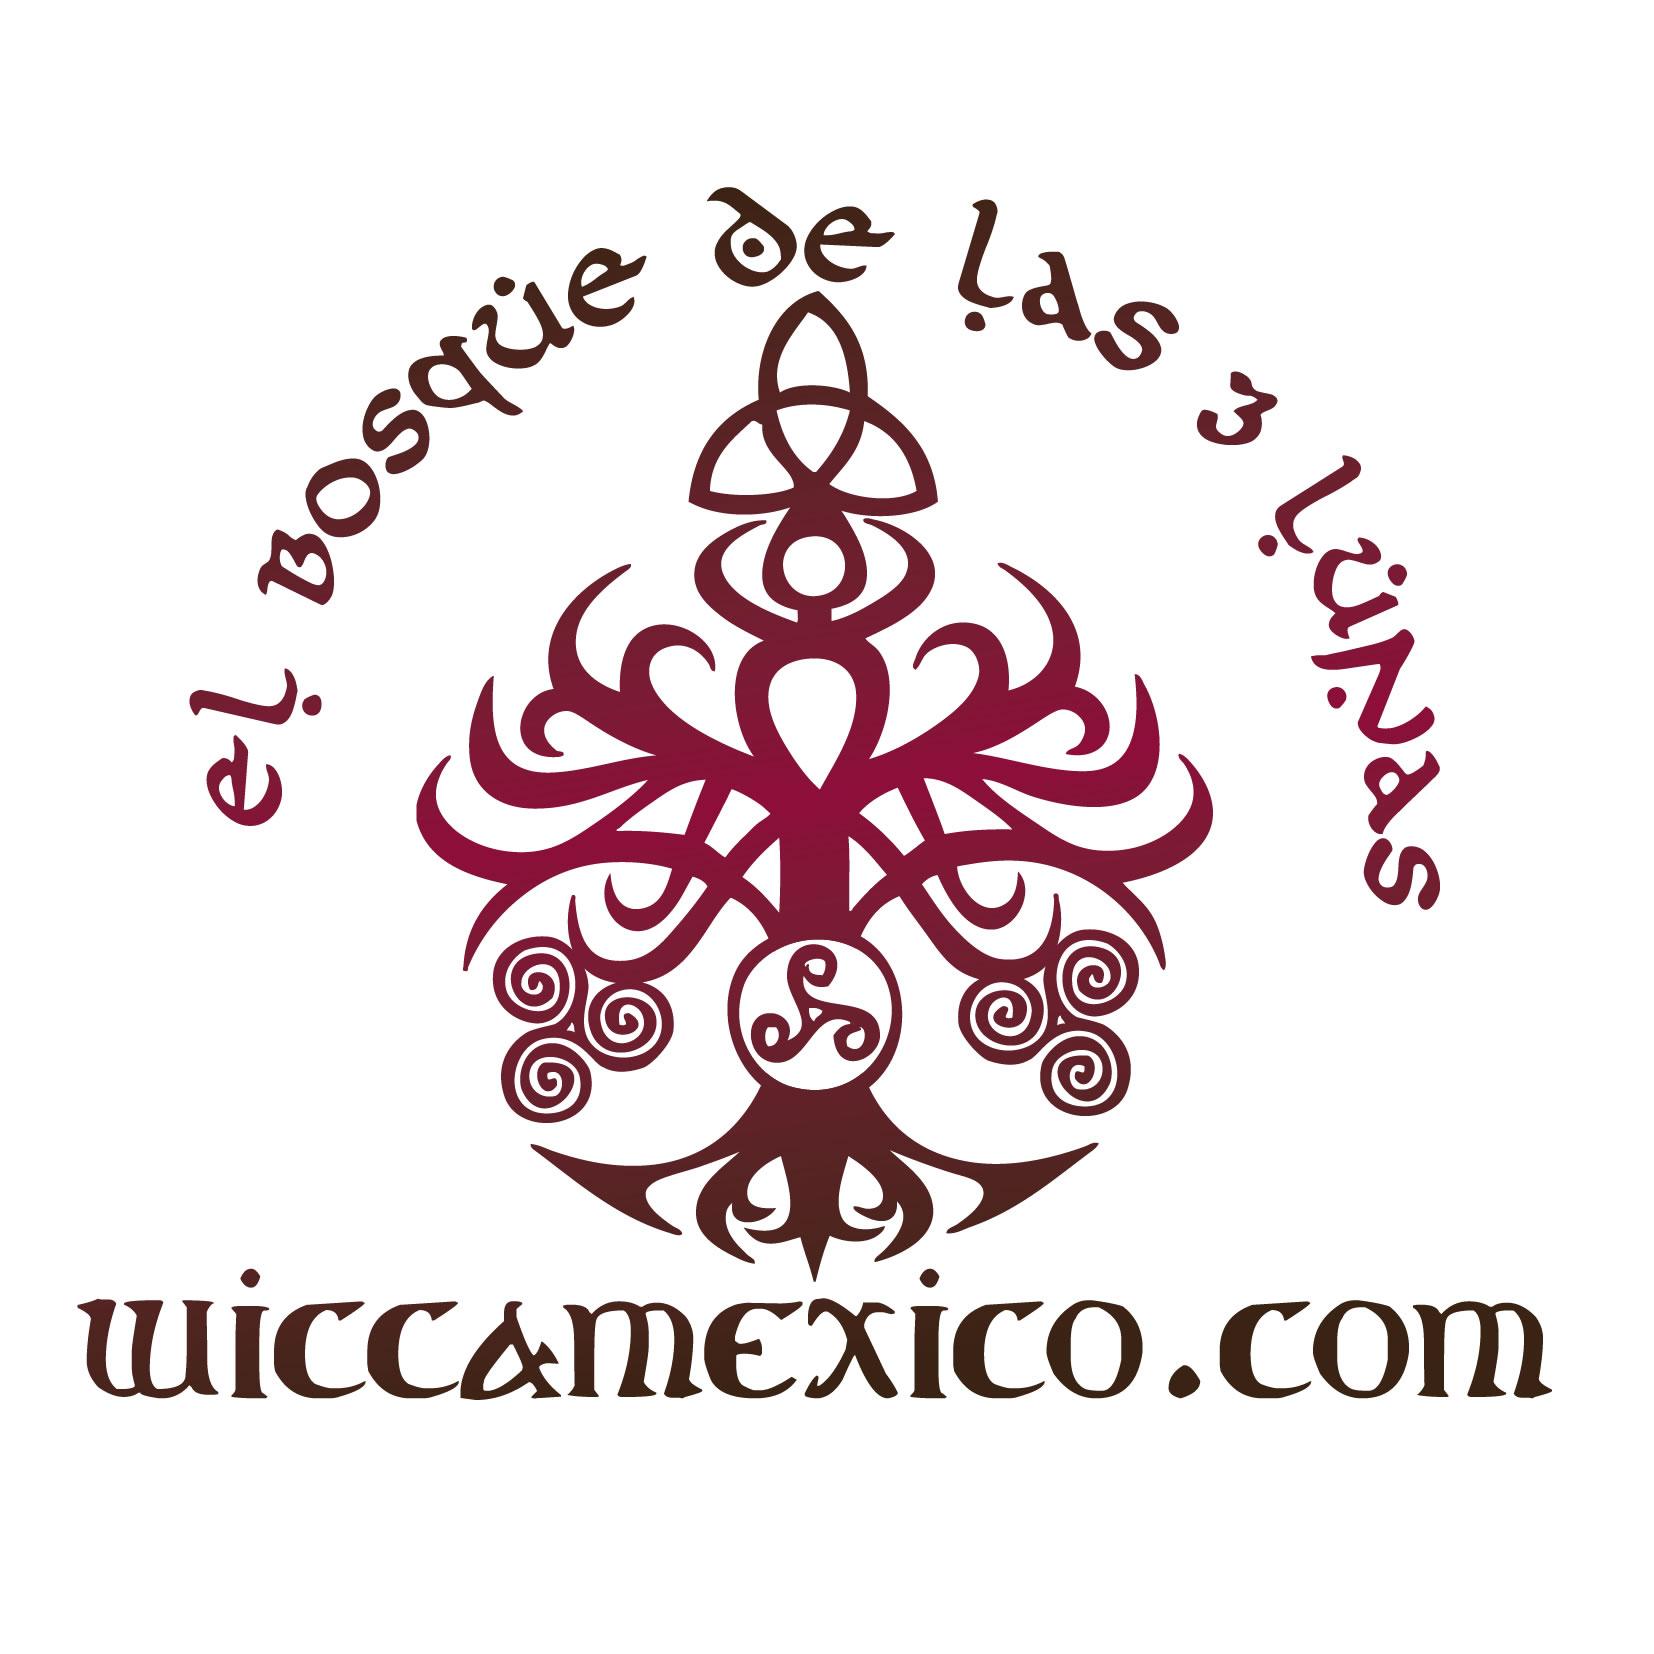 Wicca México